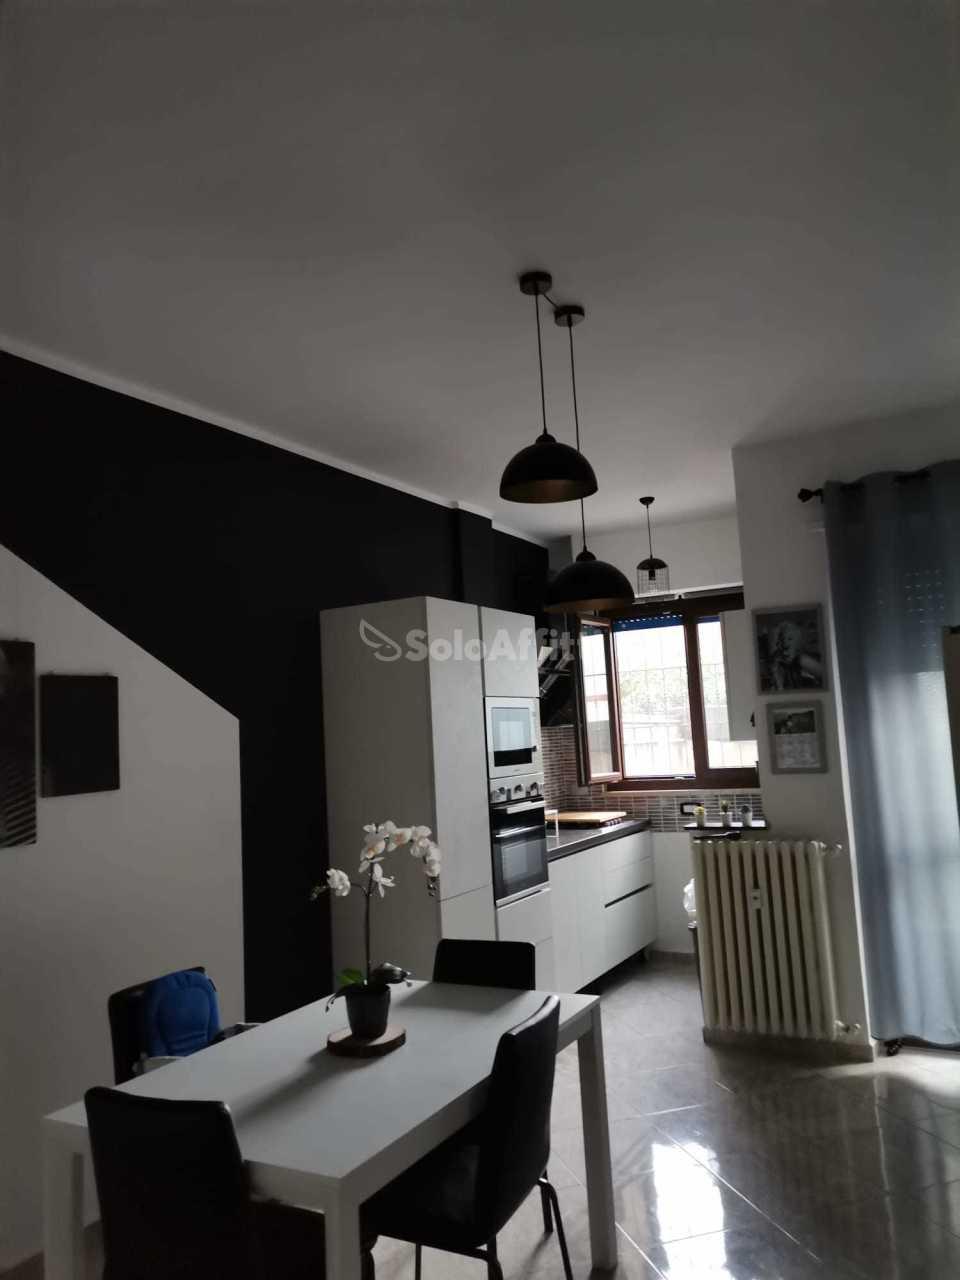 Appartamento in affitto a Nichelino, 3 locali, prezzo € 415 | PortaleAgenzieImmobiliari.it